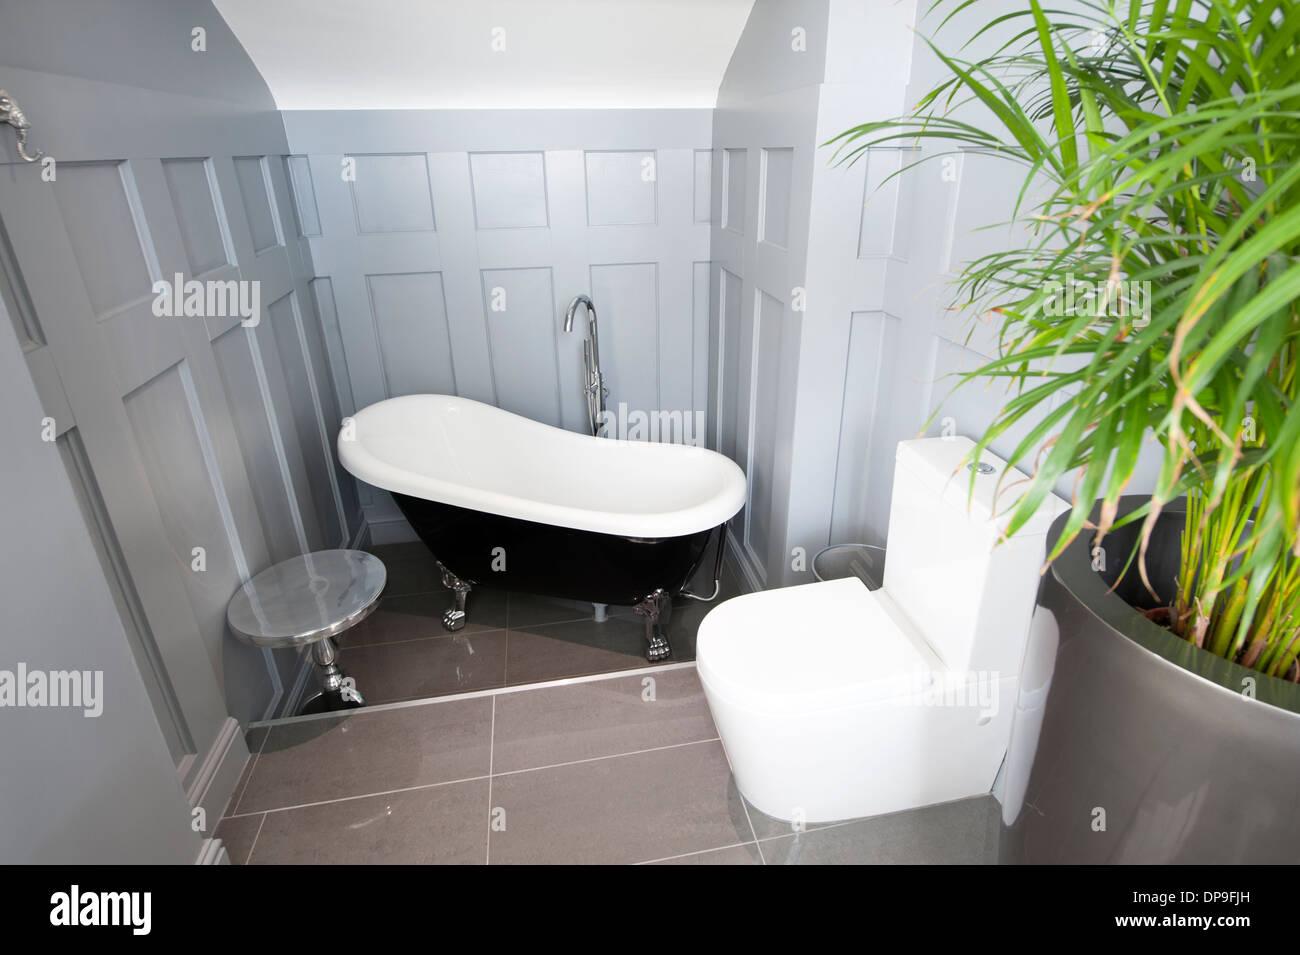 Vasche Da Bagno Moderne : Bagno moderno in stile vittoriano vasca da bagno vasca da bagno foto